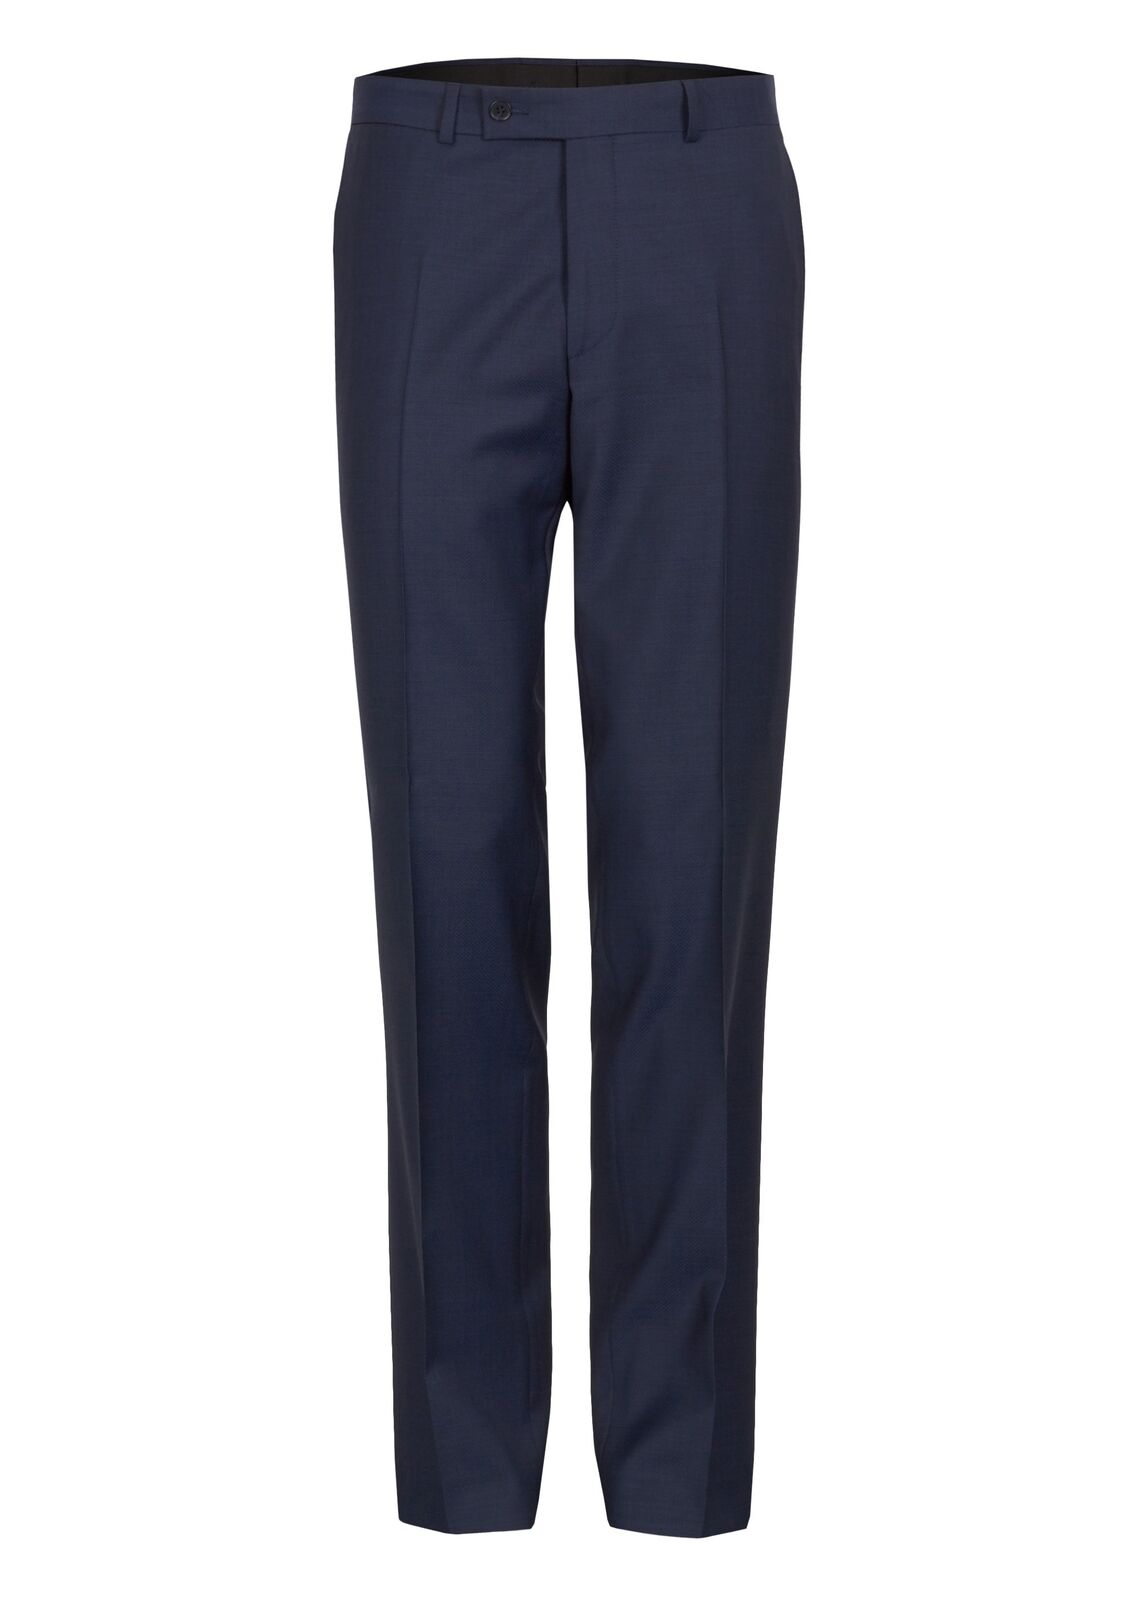 Daniel Hechter - Regular Fit - Baukasten Anzughose aus 100% Schurwolle (100101)